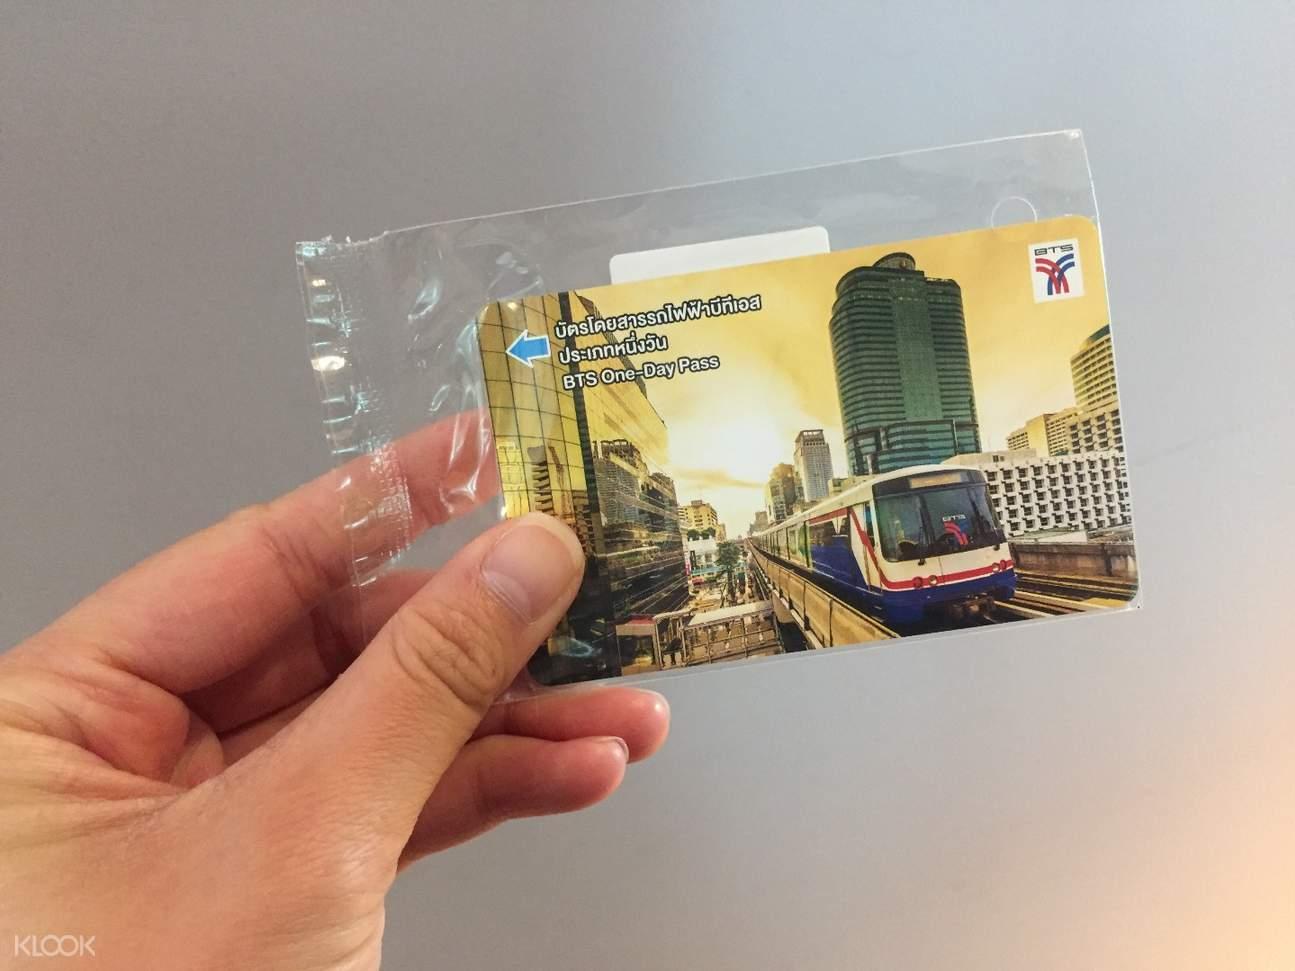 擁有泰國曼谷捷運(BTS)車票,暢行無阻